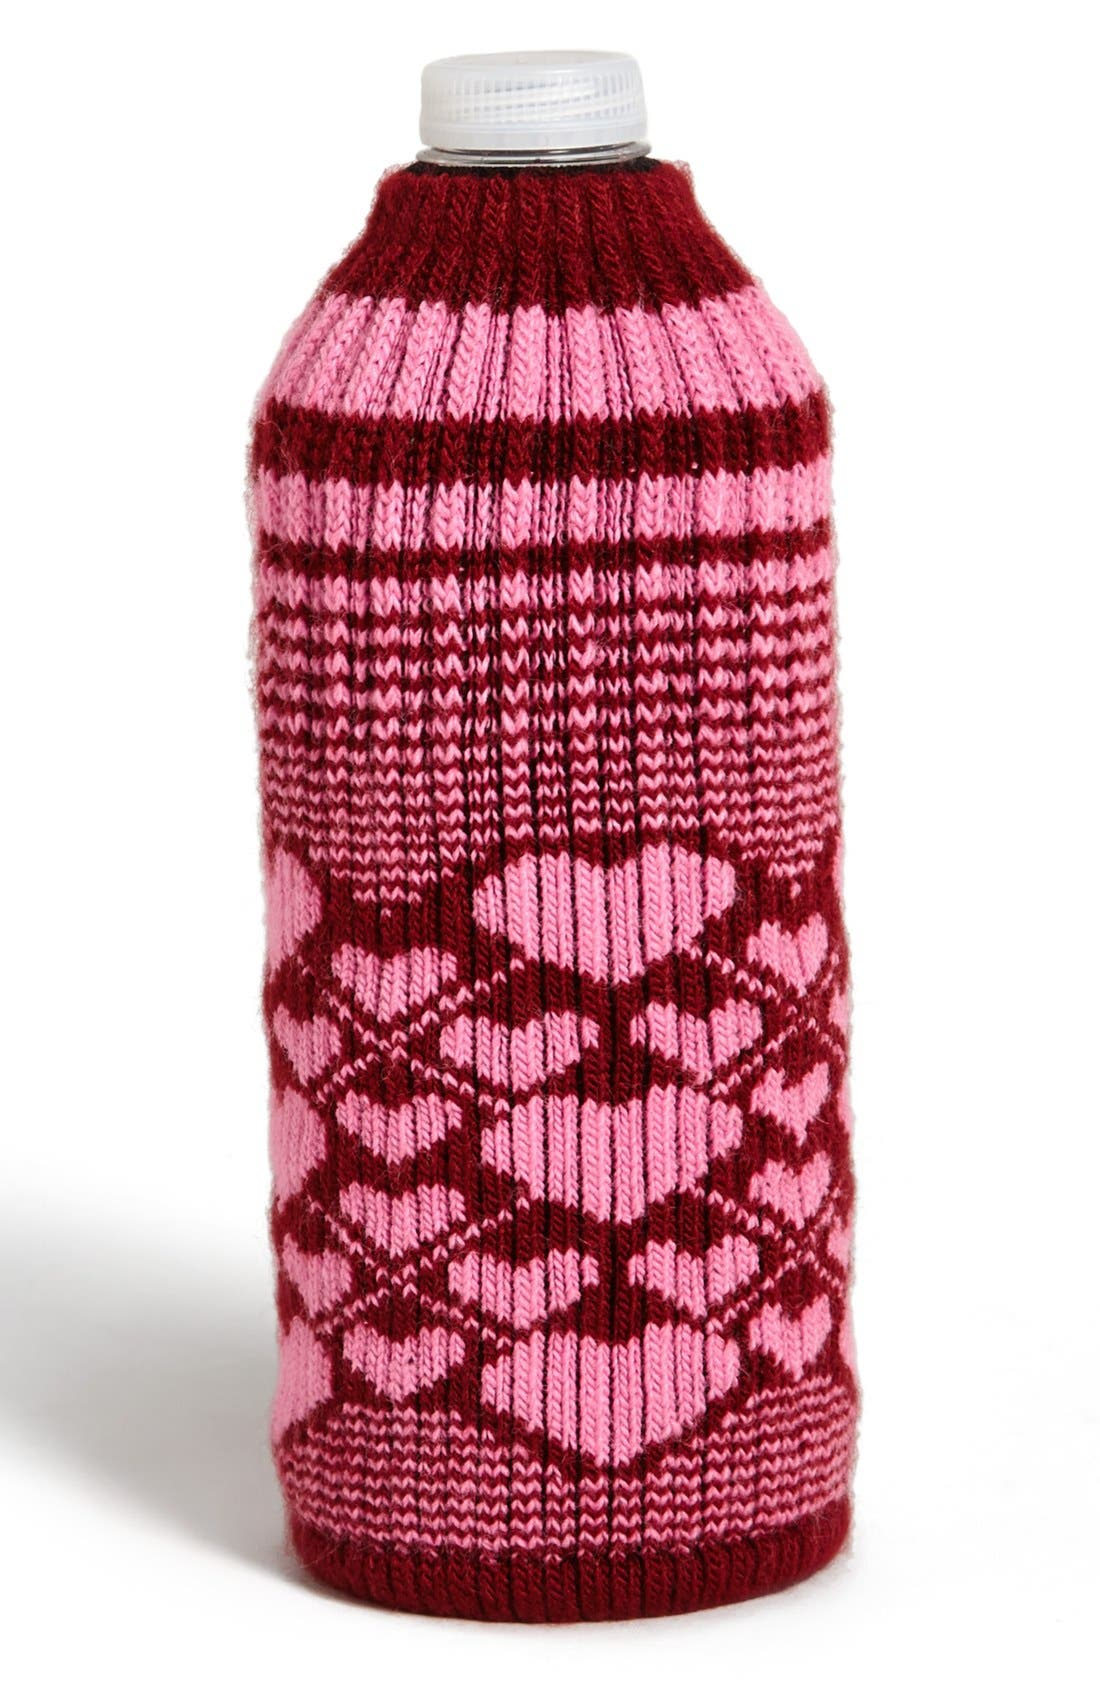 Alternate Image 1 Selected - Freaker 'Loveglove' Bottle Insulator